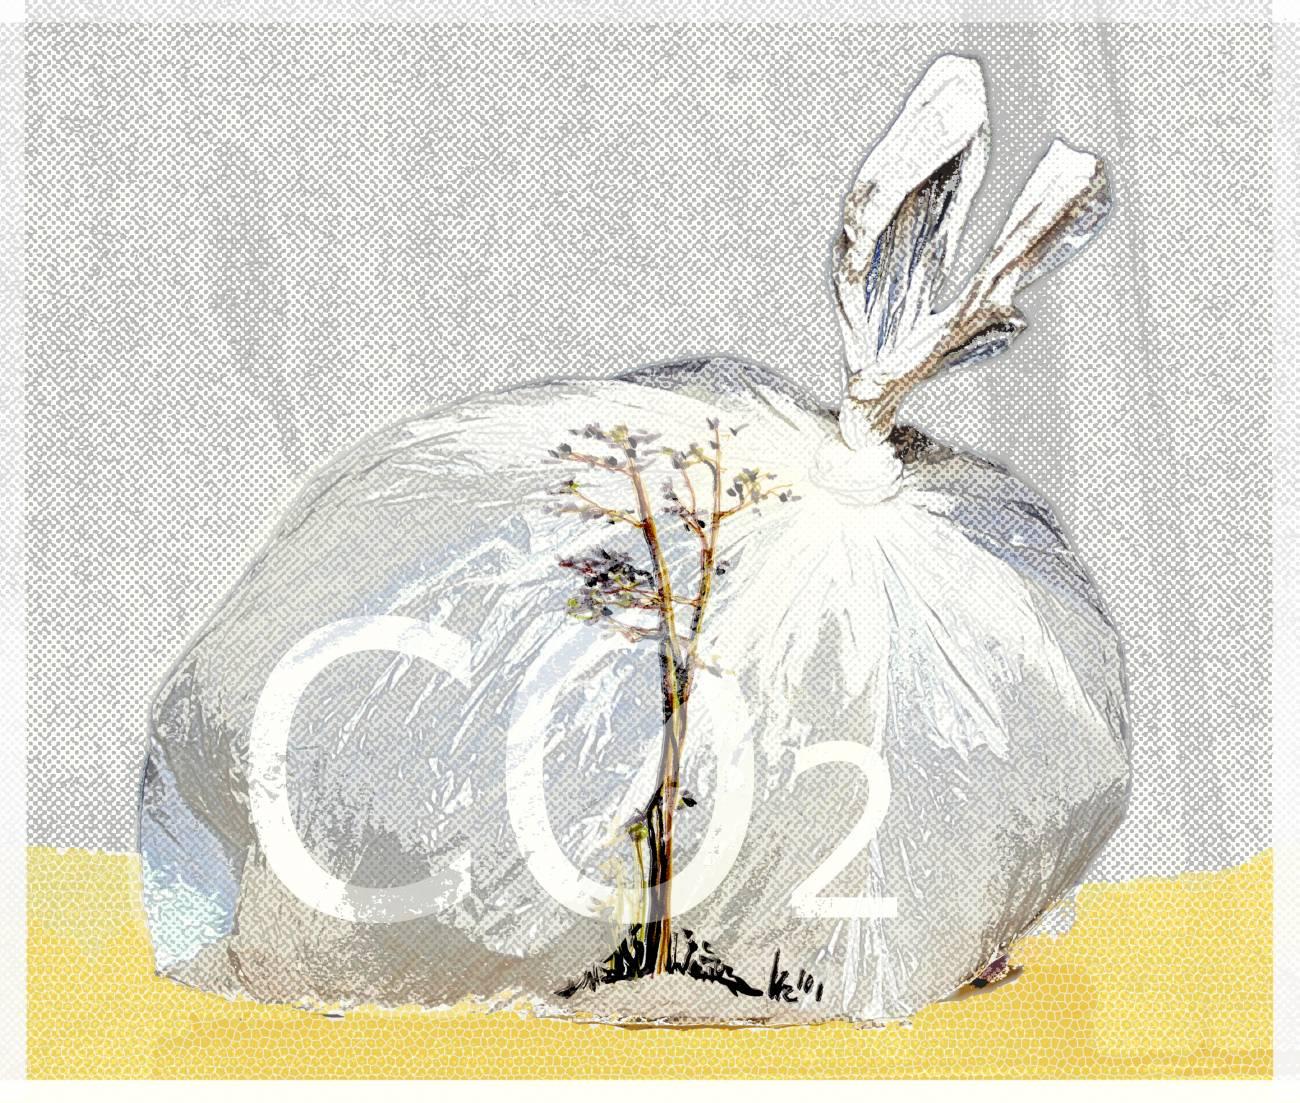 Las nuevas condiciones climáticas requieren nuevos cultivos